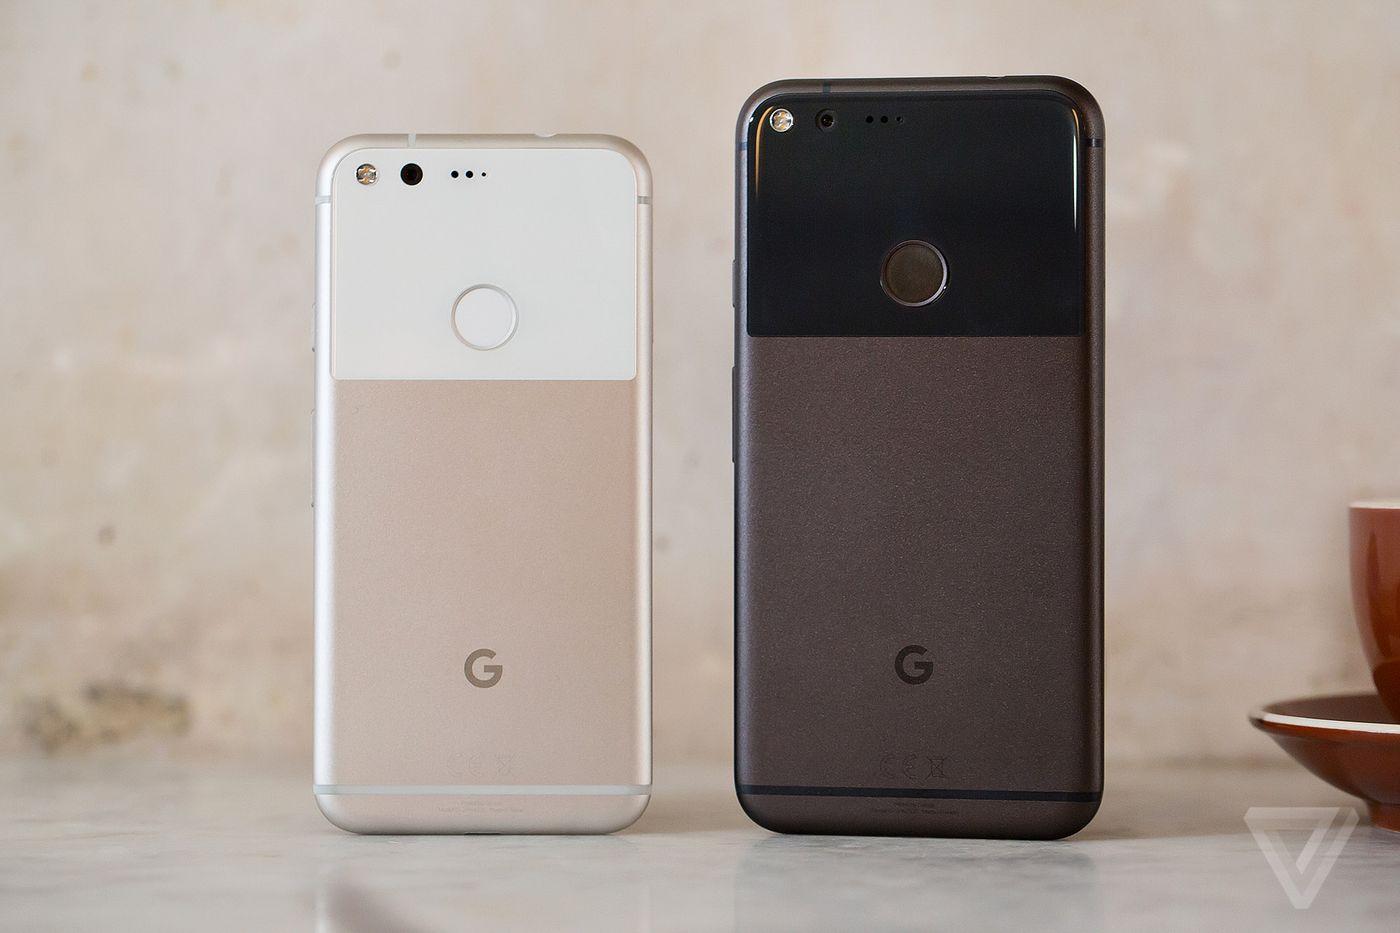 Анонс Google Pixel 2 с процессором Qualcomm 836 состоится 5 октября